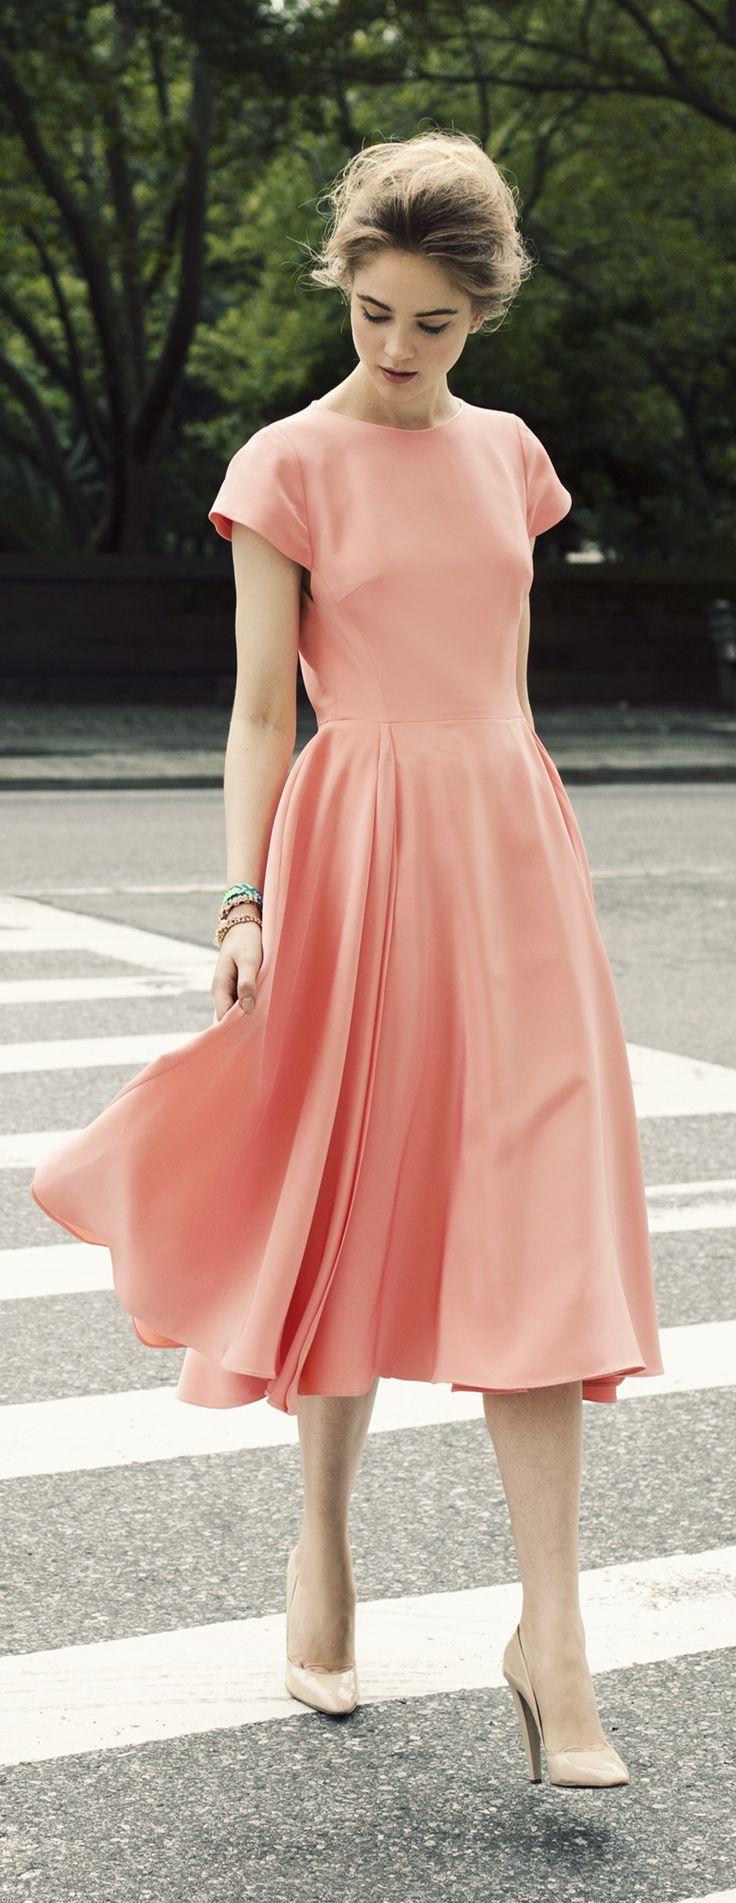 00004 - vestido - social - rosa claro - saia godê - scarpin - modelagem reta.